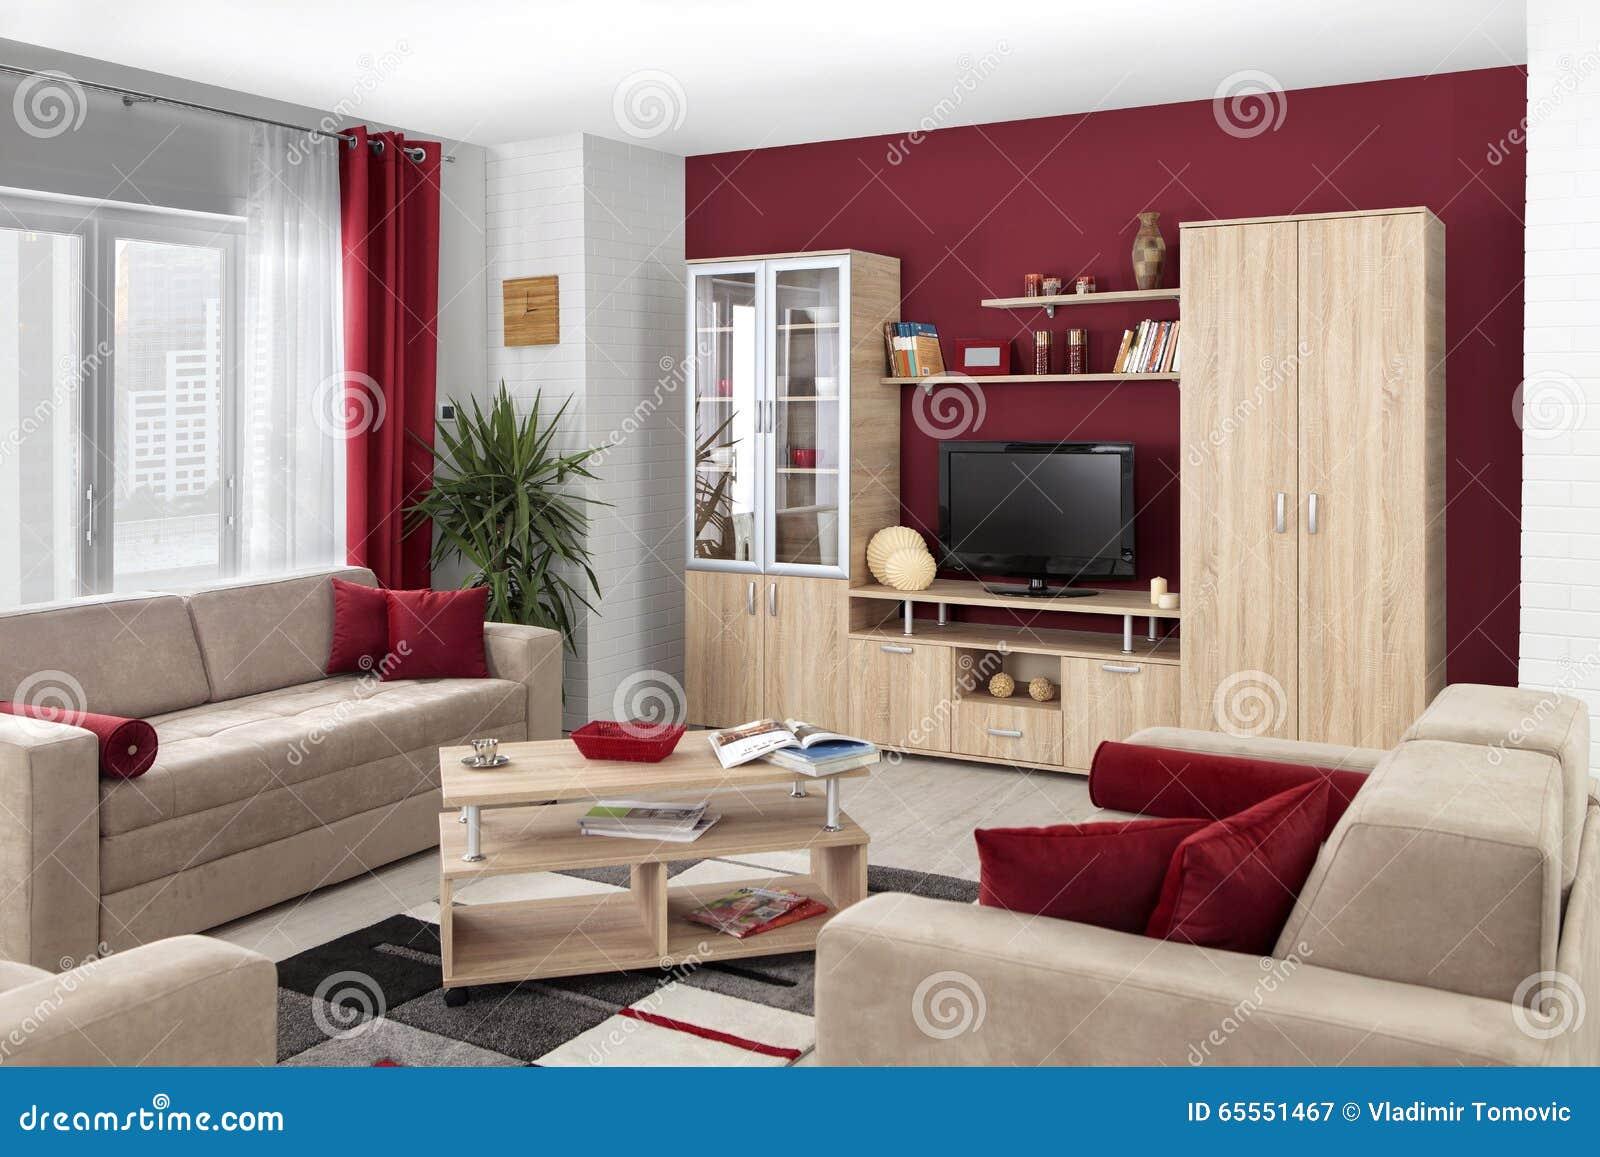 int rieur d 39 un salon moderne en couleurs image stock image du neuf tage 65551467. Black Bedroom Furniture Sets. Home Design Ideas